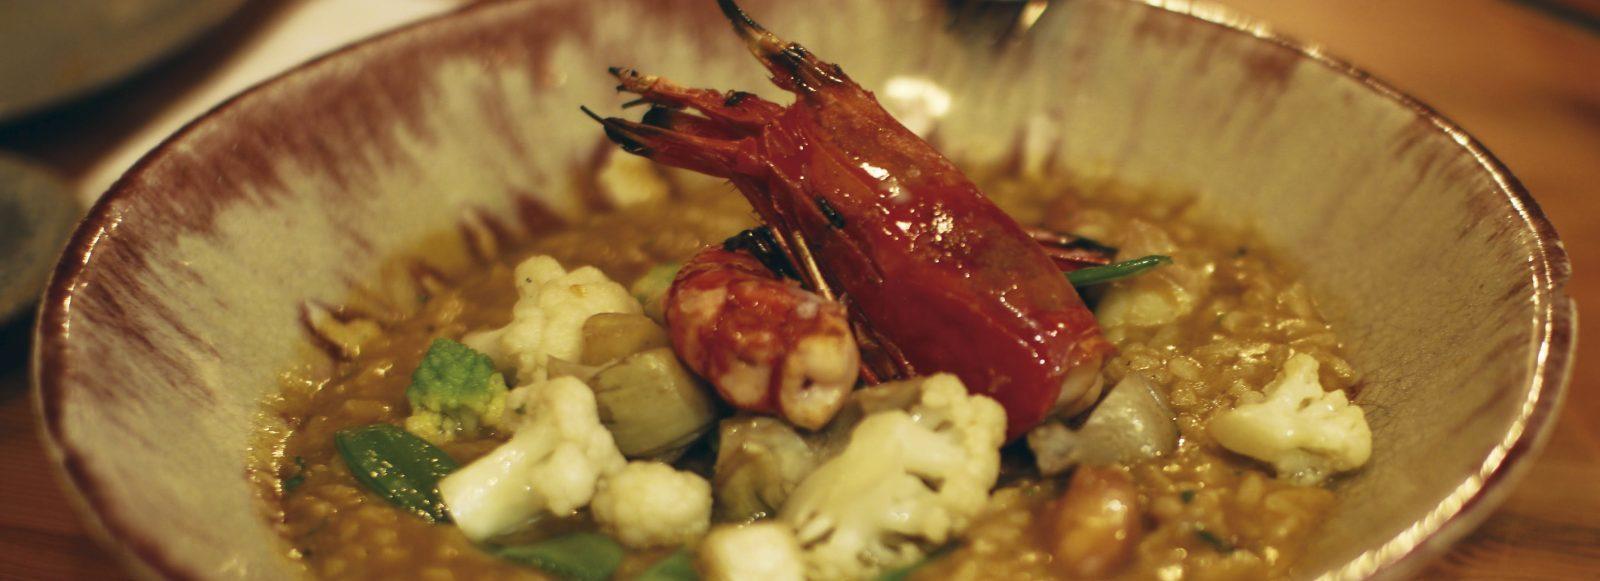 La bodeguilla, cocina mallorquina con una vuelta de tuerca